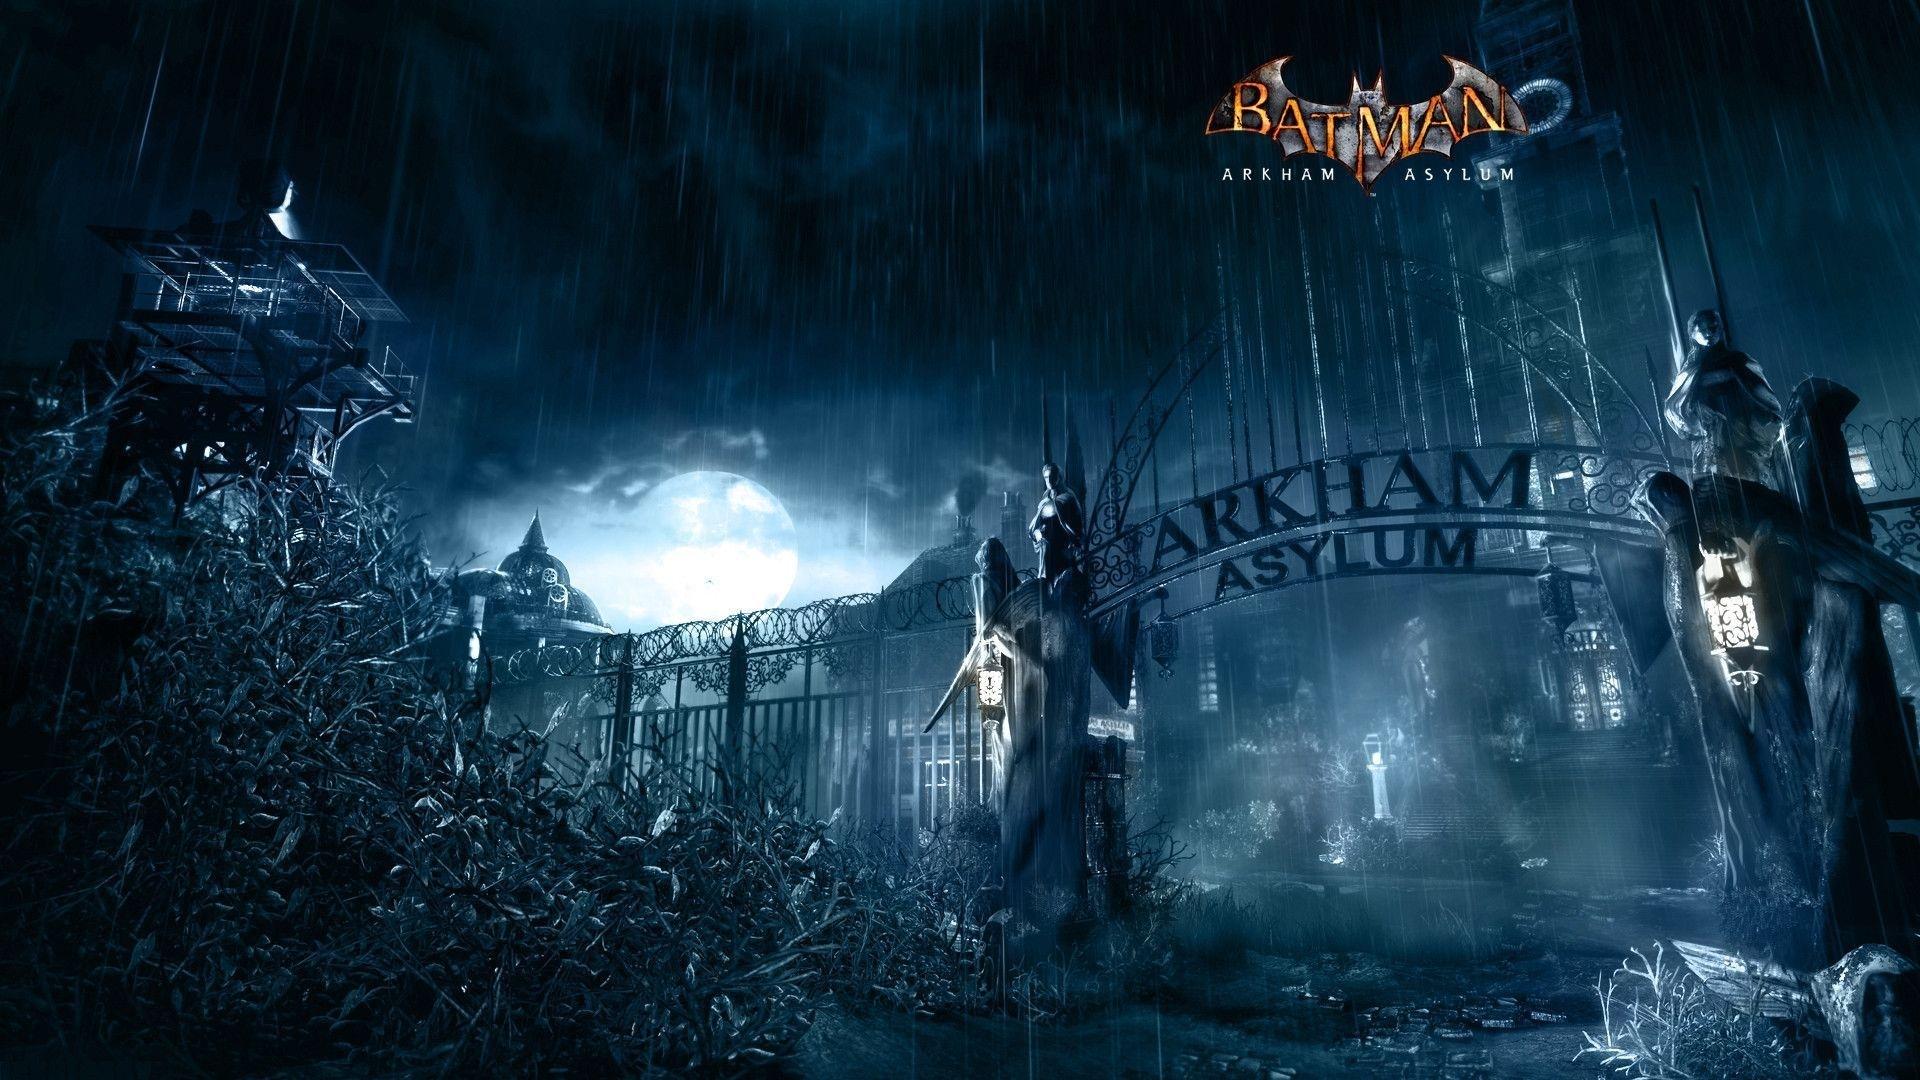 batman arkham asylum new wallpapers 01955 - baltana